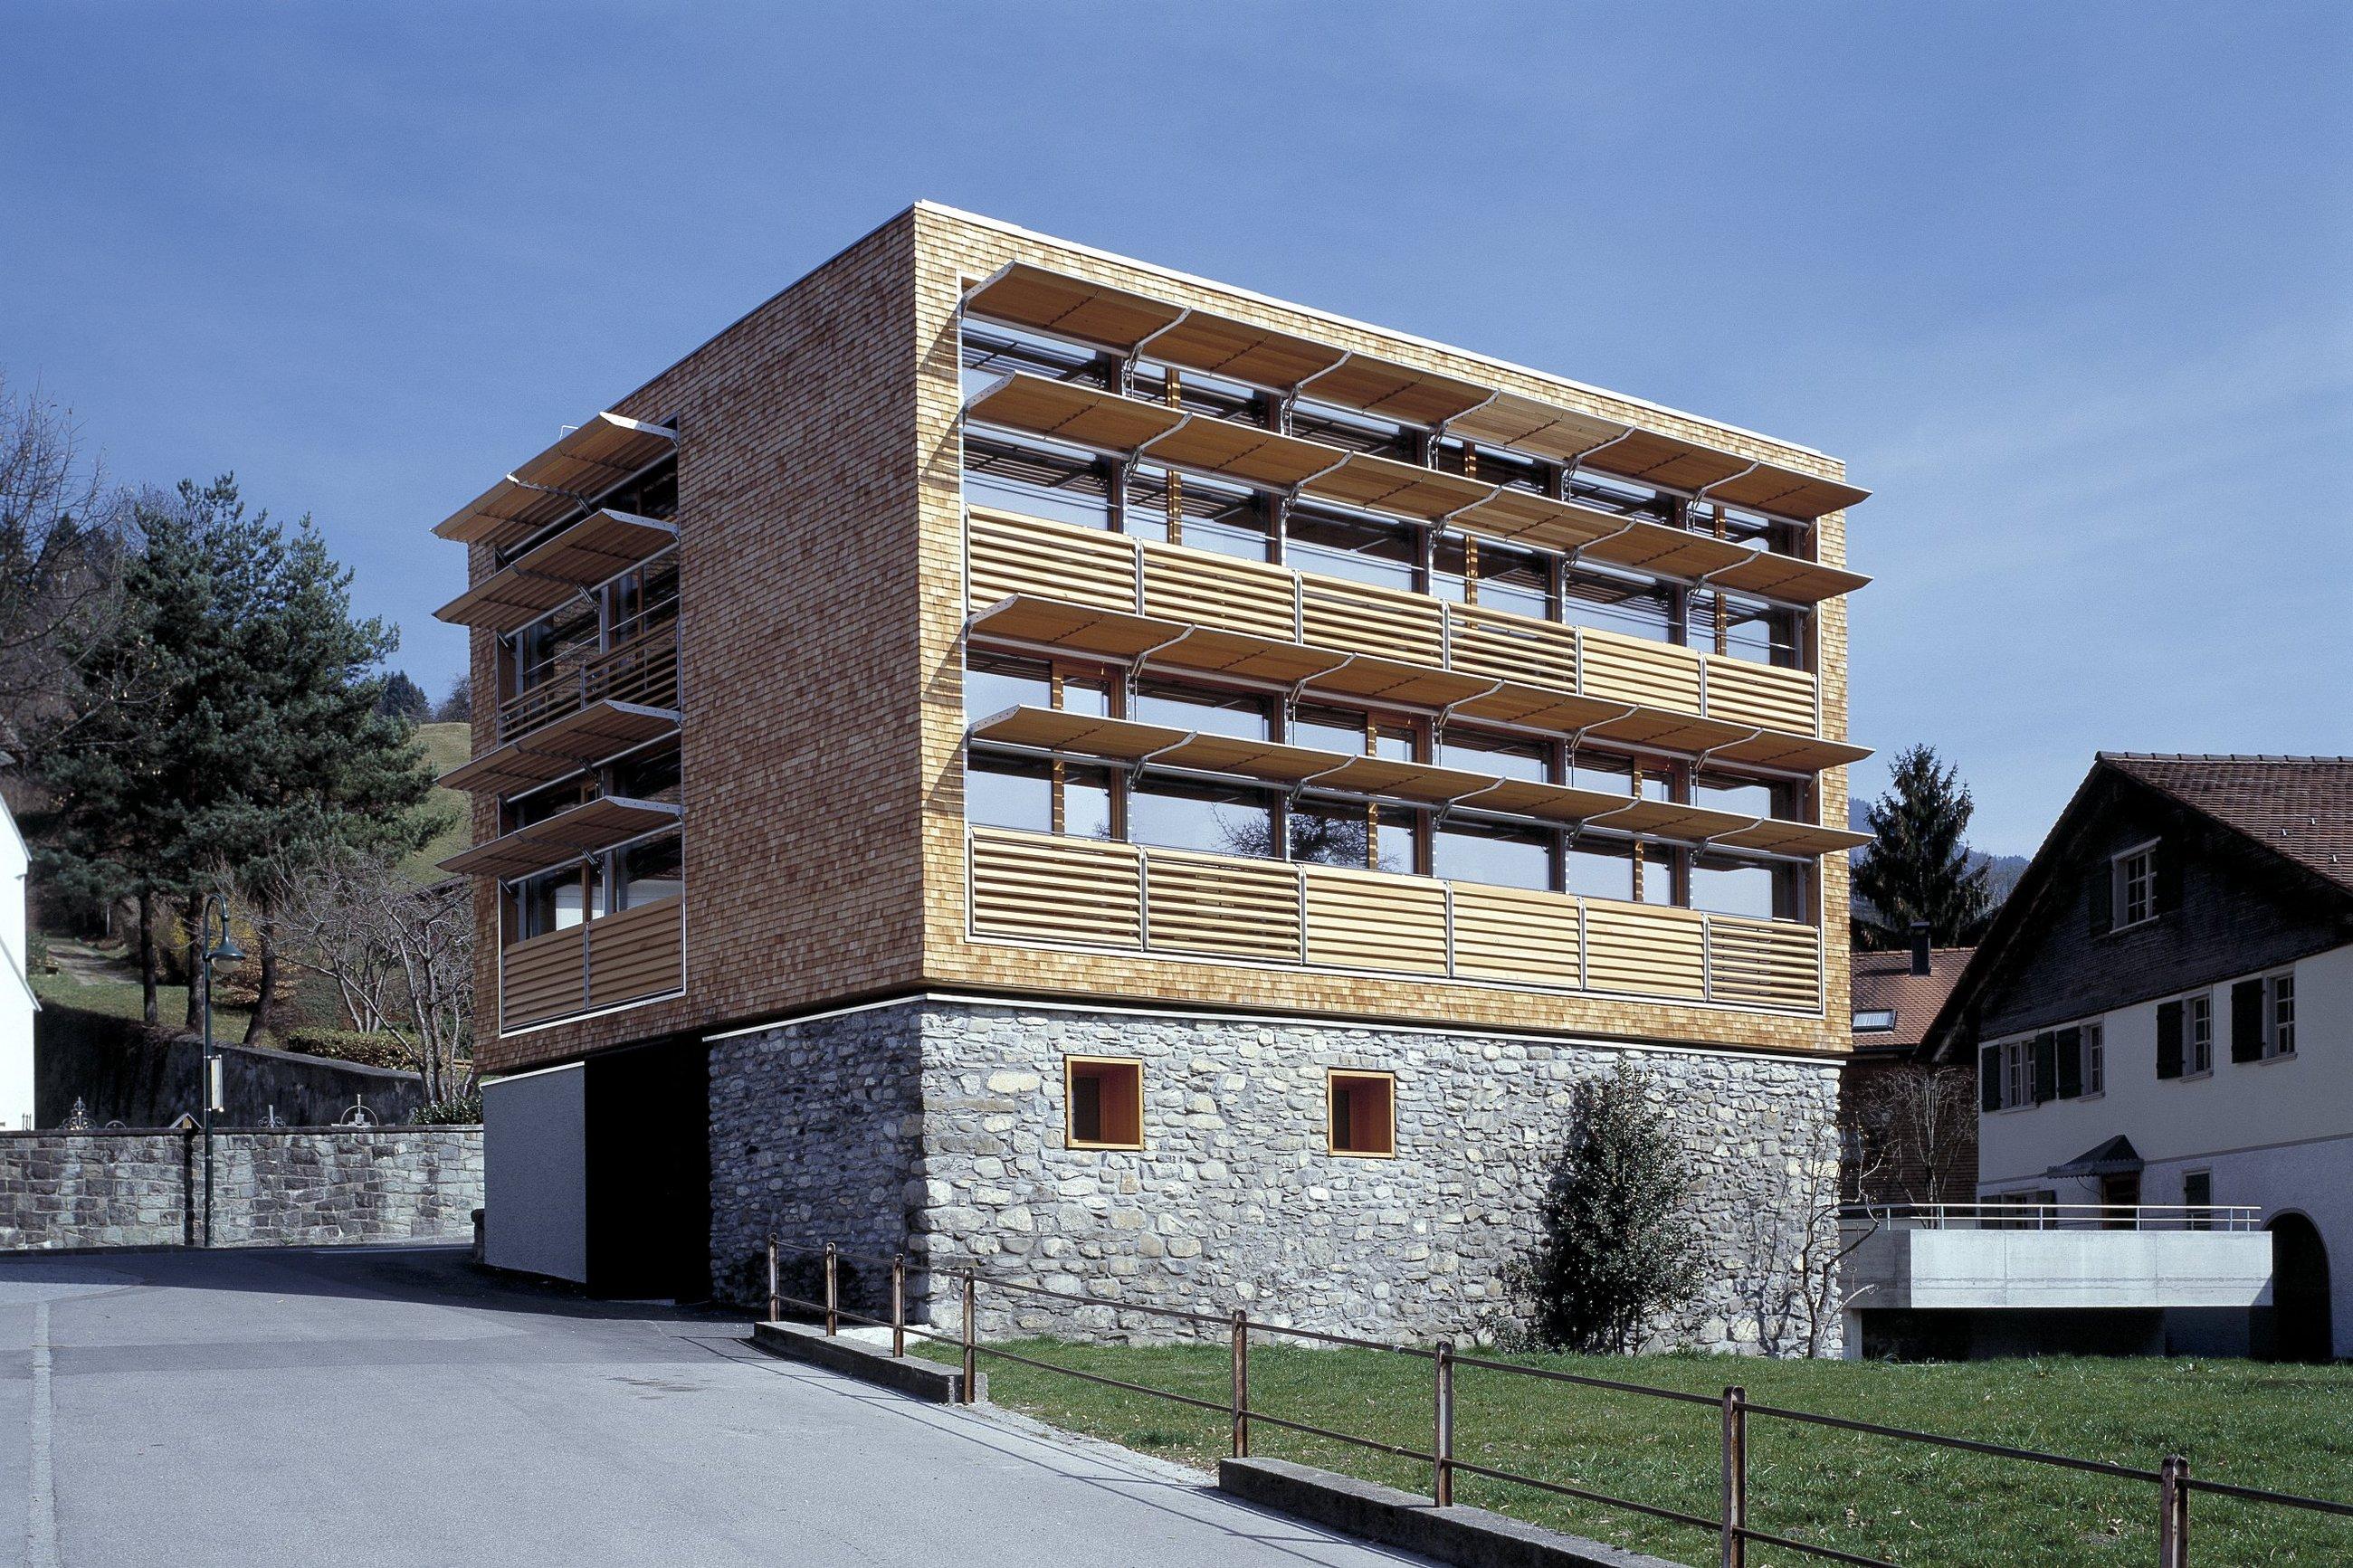 Bürohaus Frick, drexel architekten